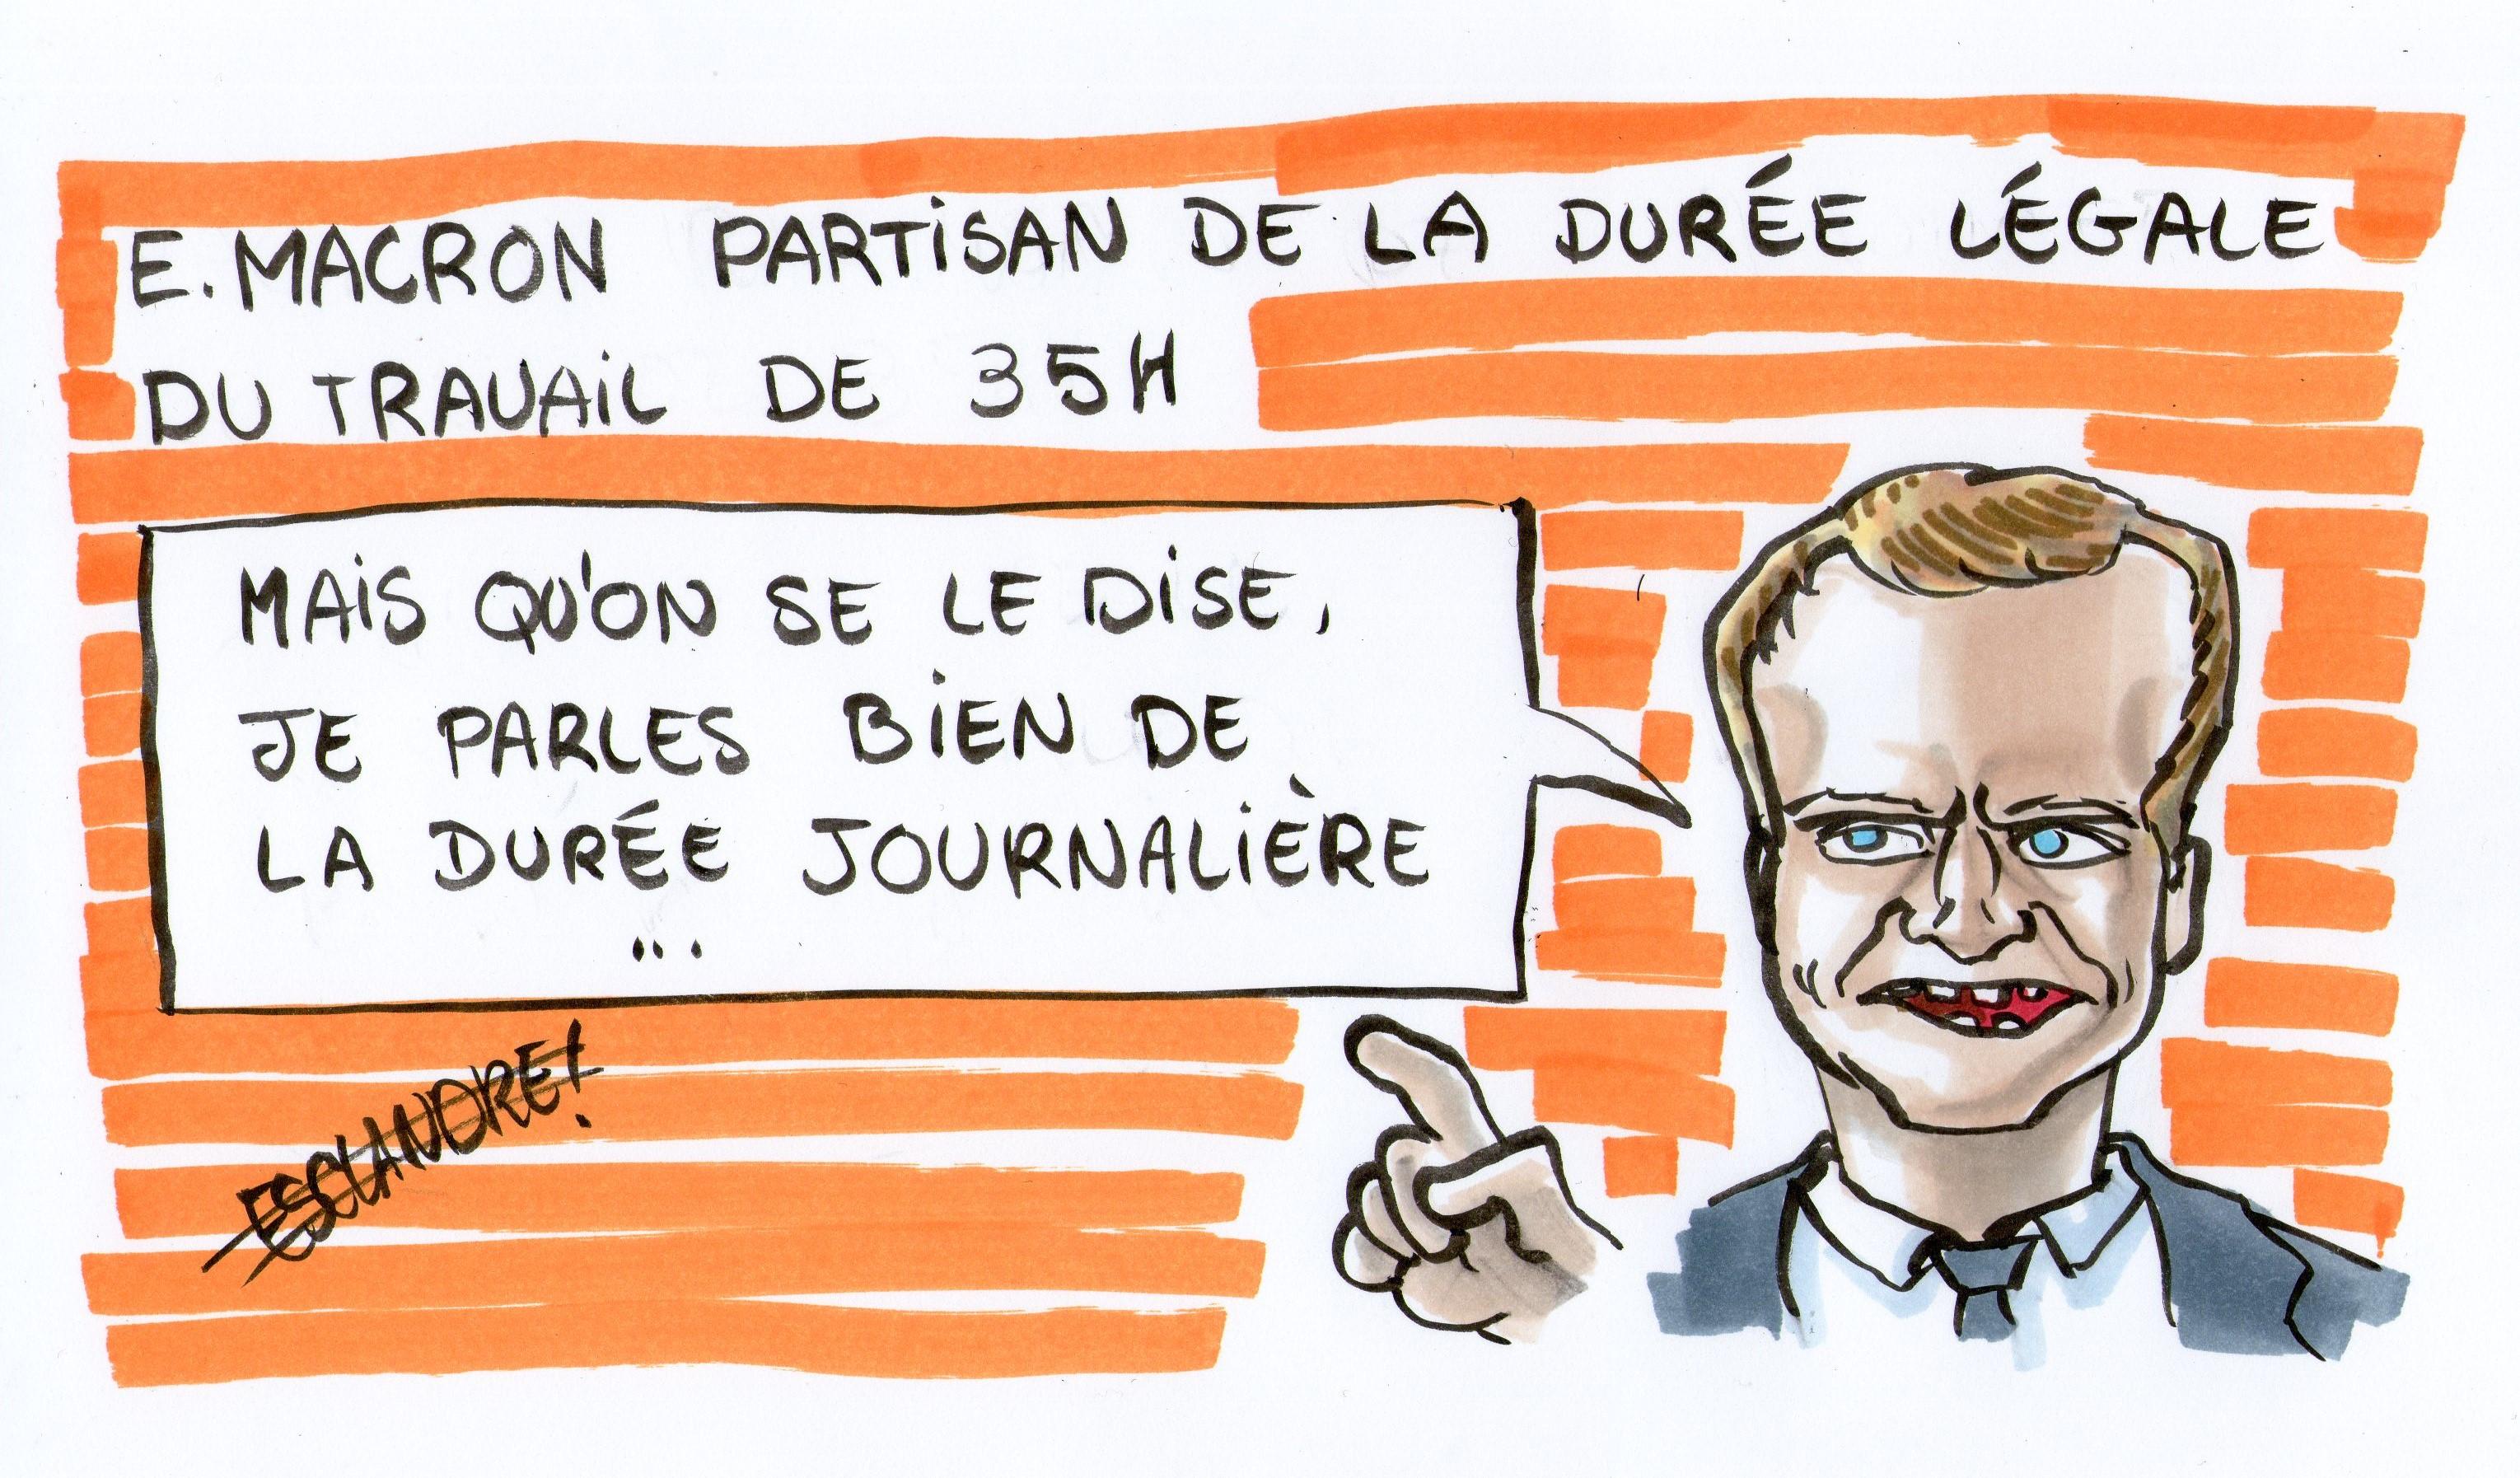 Macron, partisan des 35h ? Oui, mais par jour !